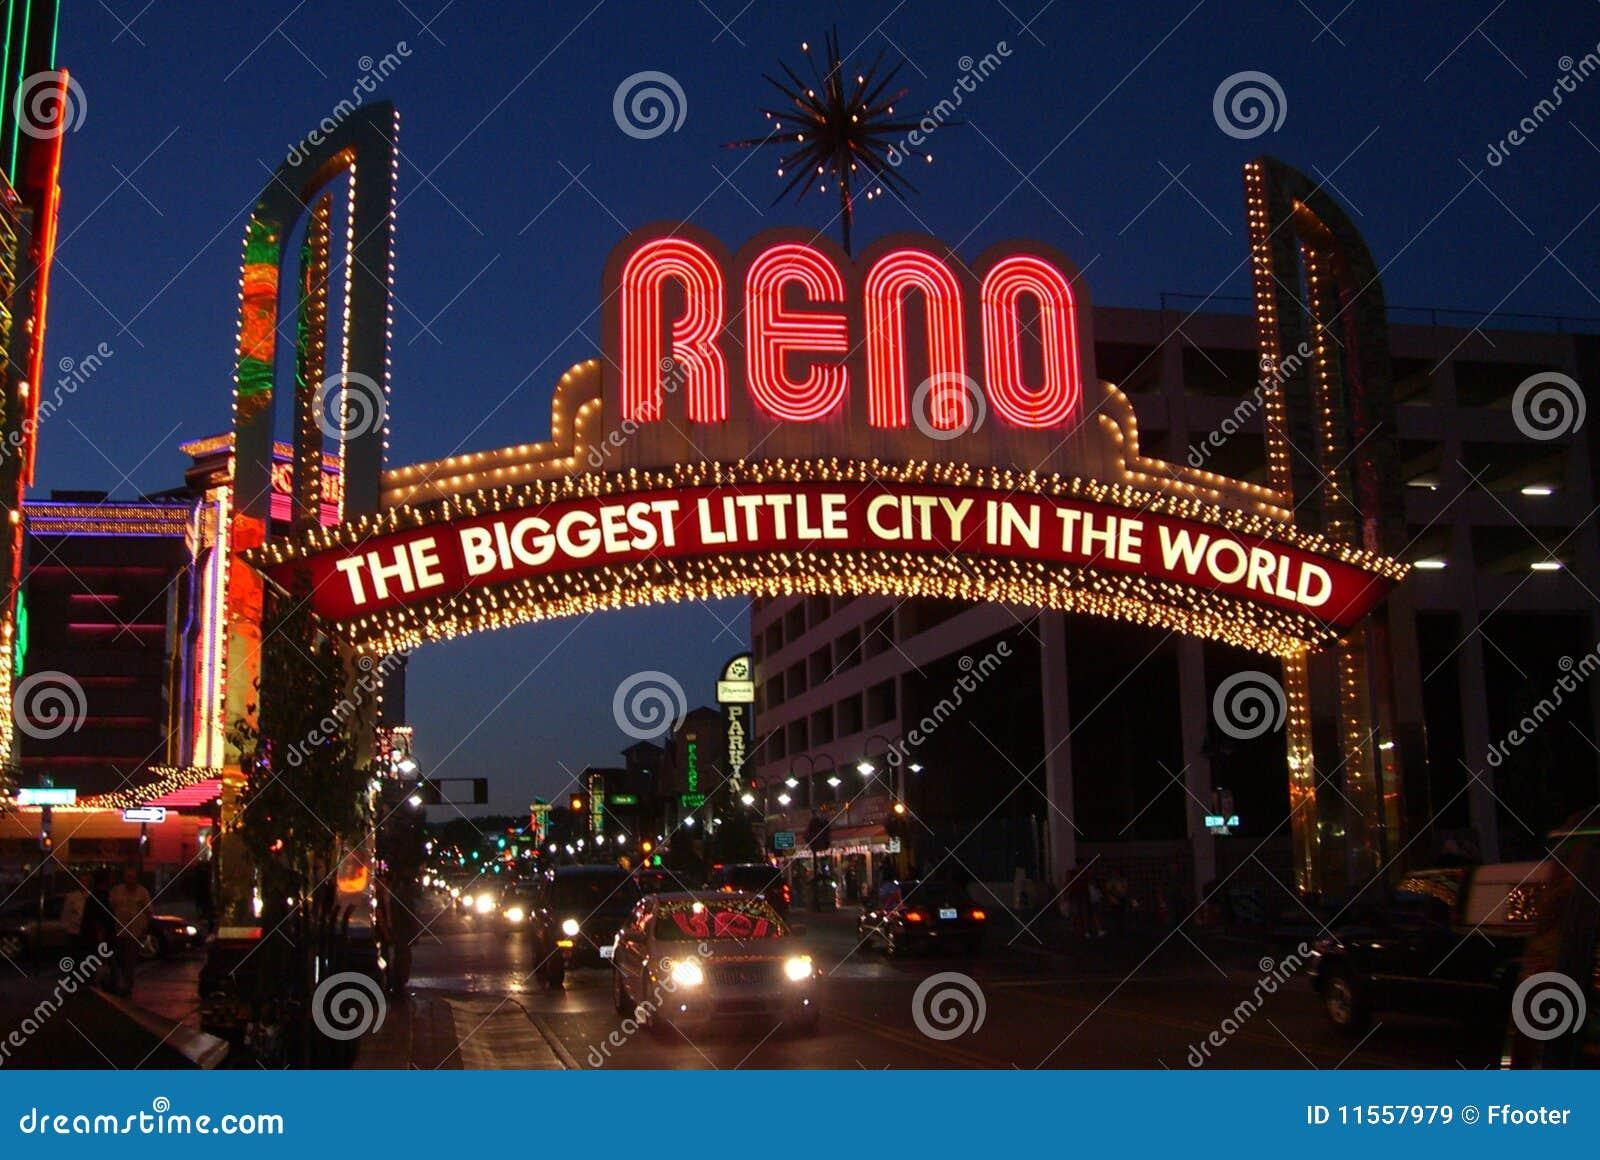 Reno Arch at Night